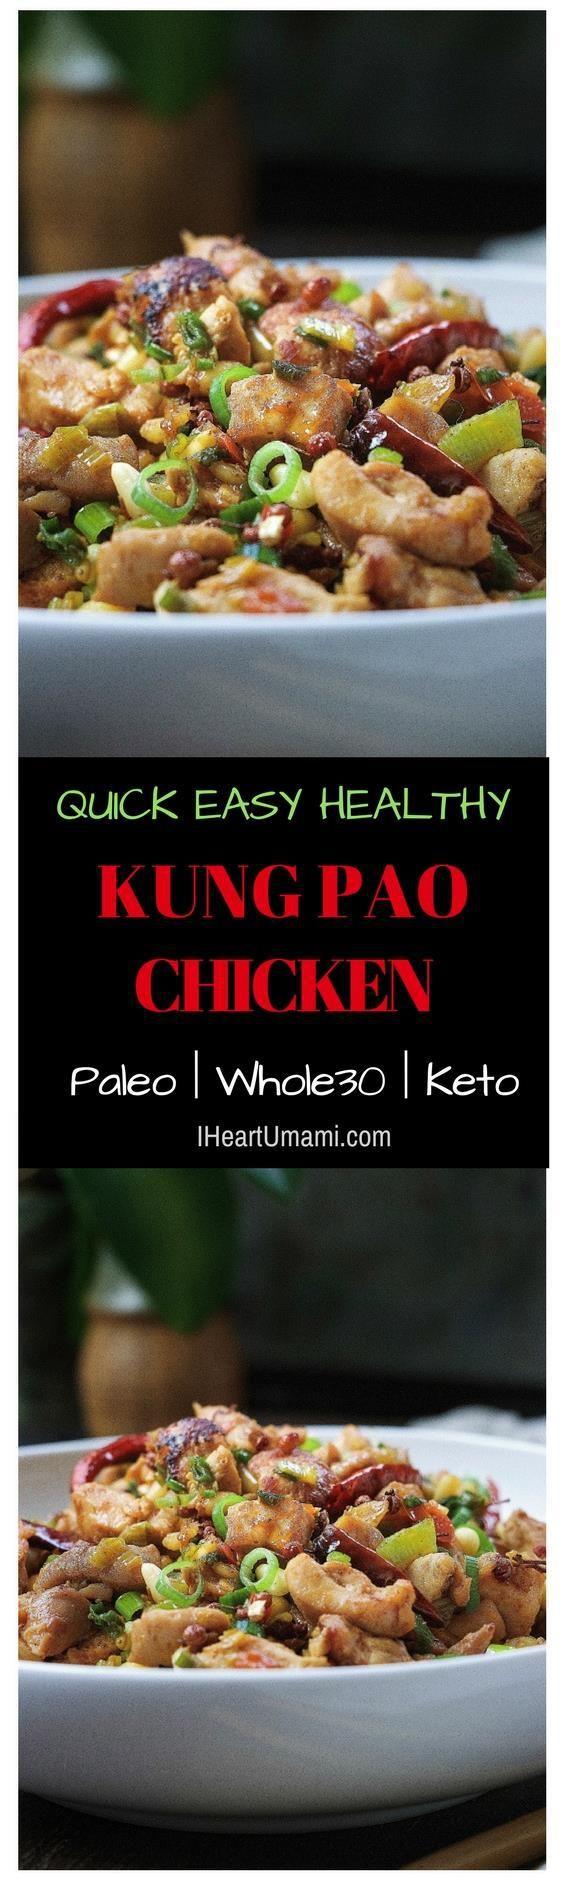 Paleo Kung Pao Chicken | I Heart Umami